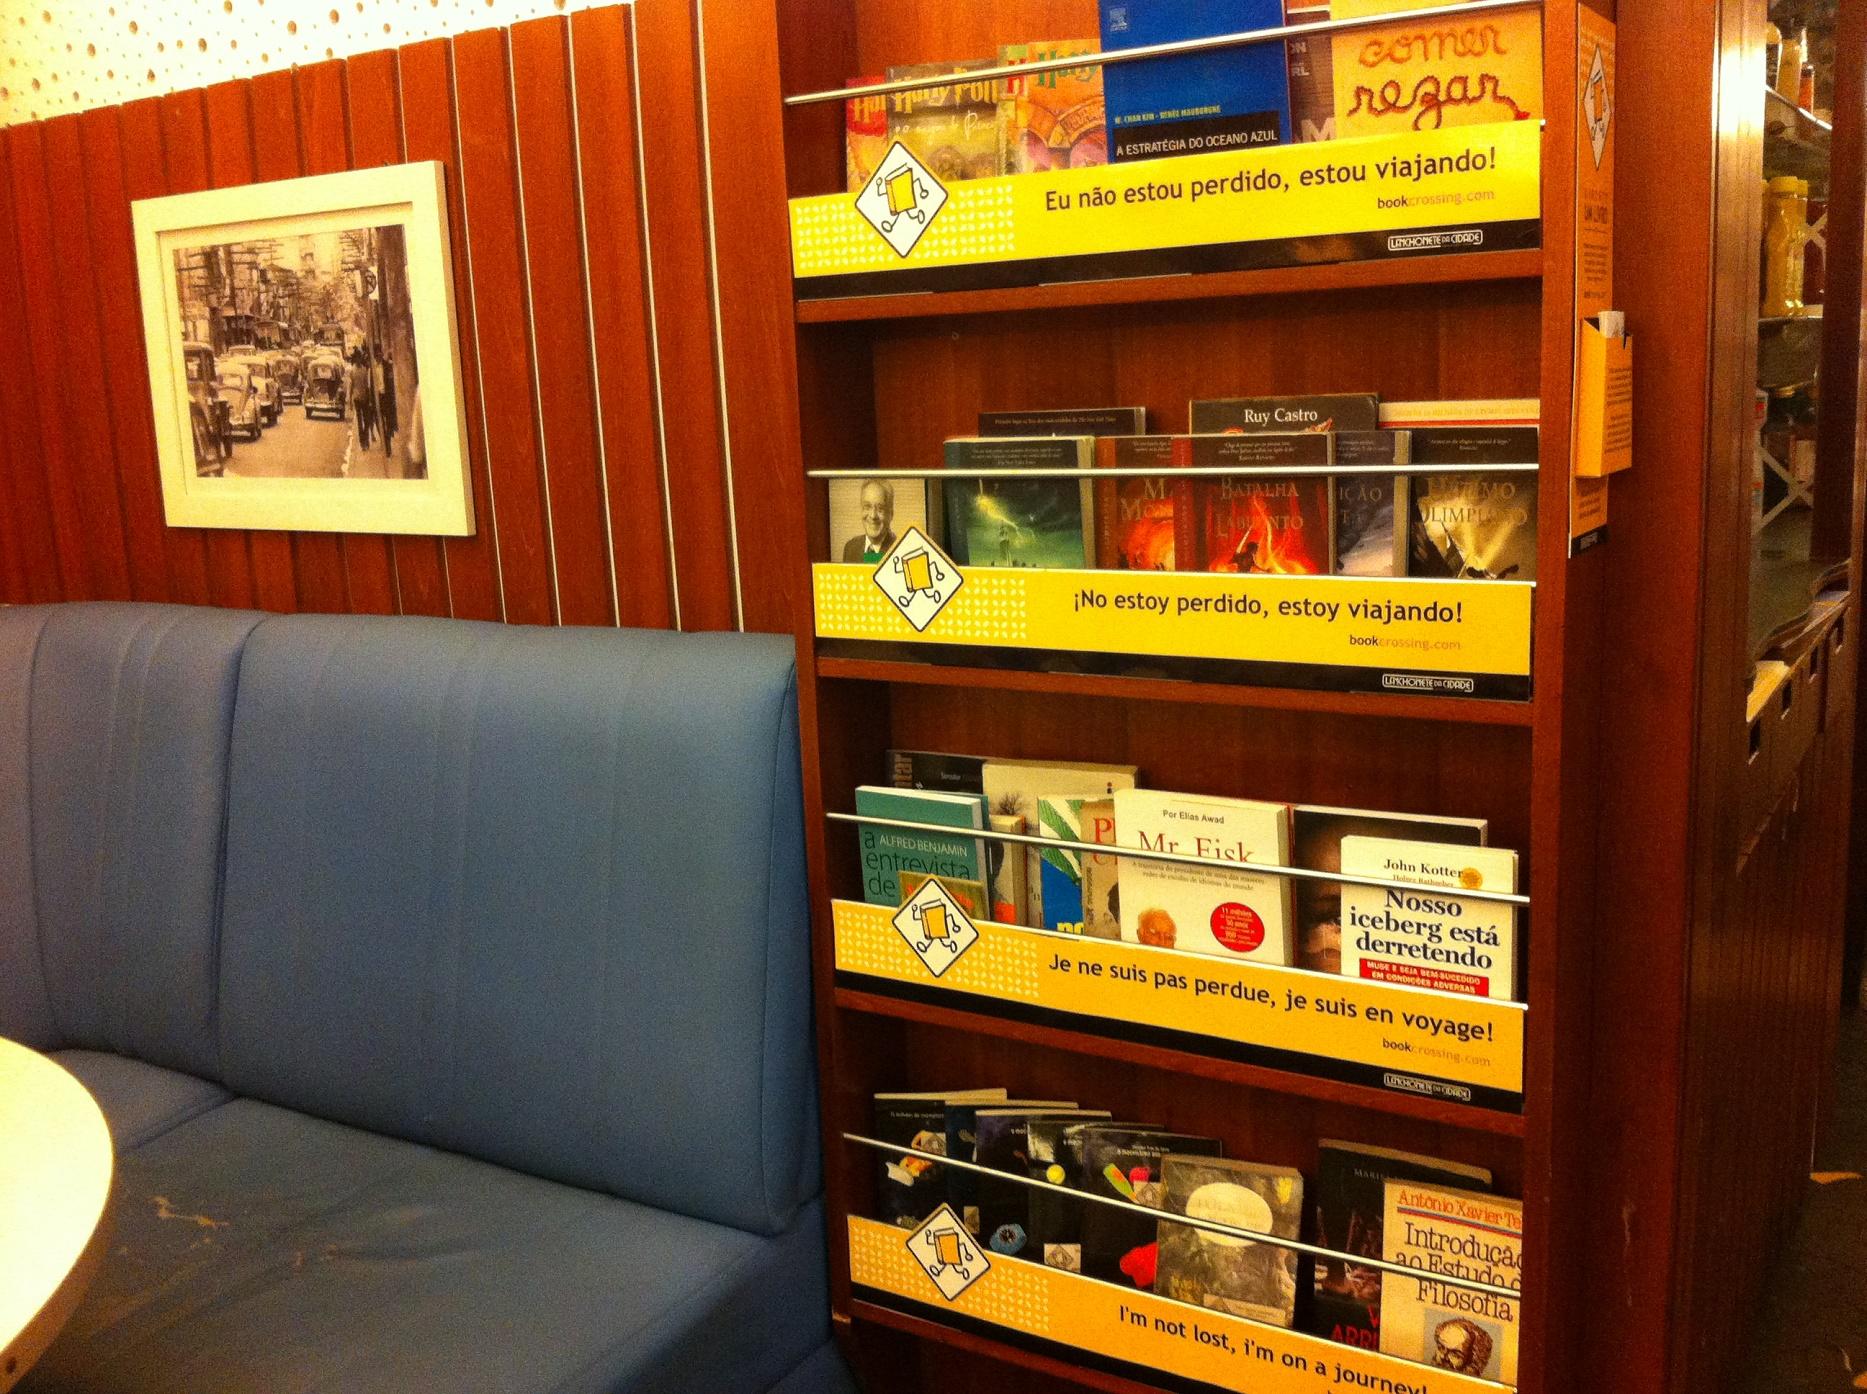 Em São Paulo, um dos 16 pontos credenciados para a libertação dos livros. Mas eles também podem ser encontrados em lugares públicos